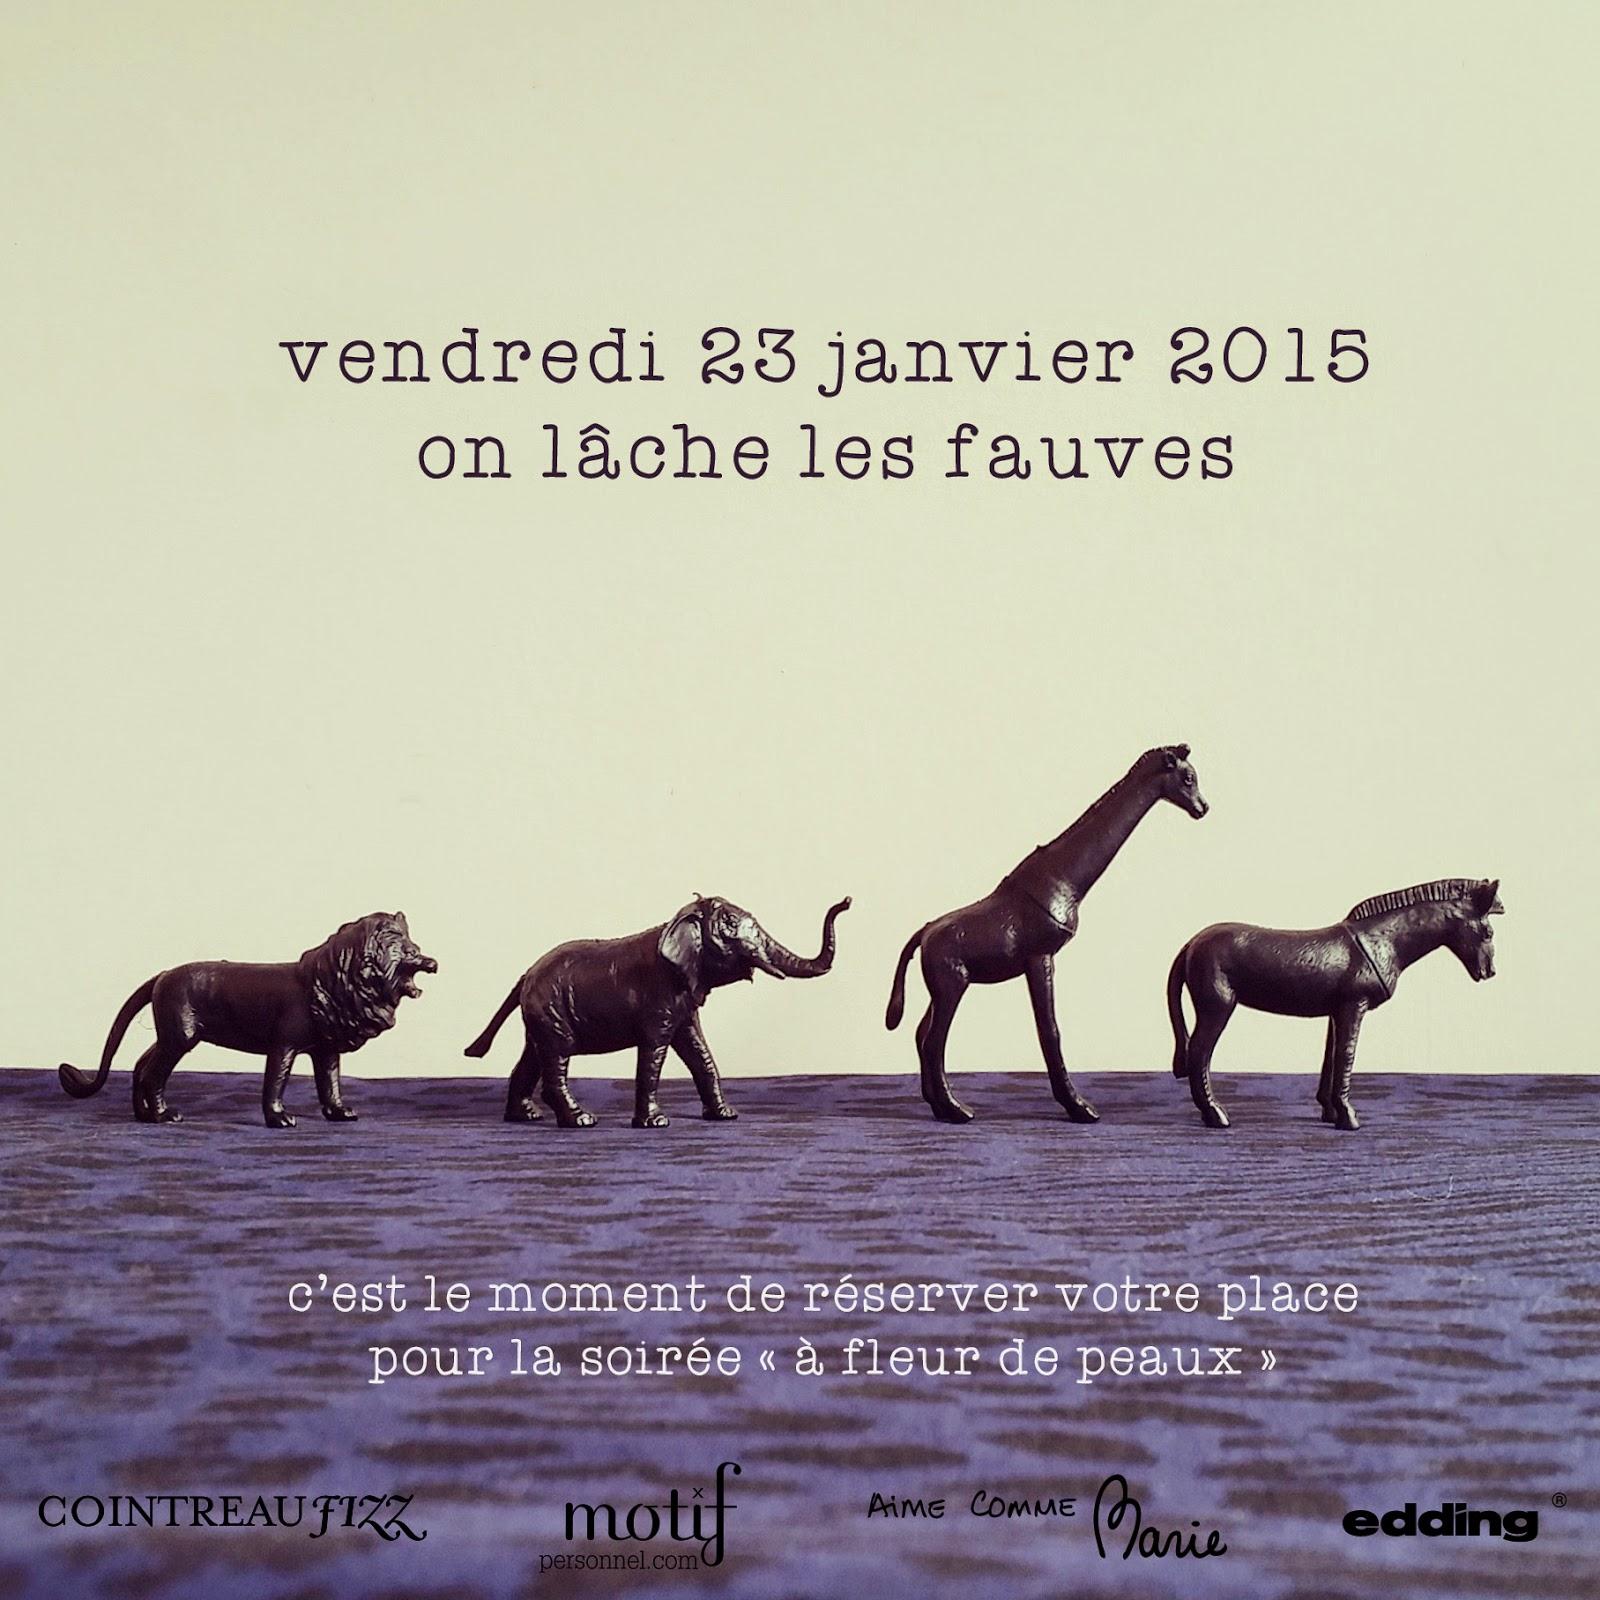 http://aimecommemarie.bigcartel.com/product/soiree-a-fleur-de-peaux